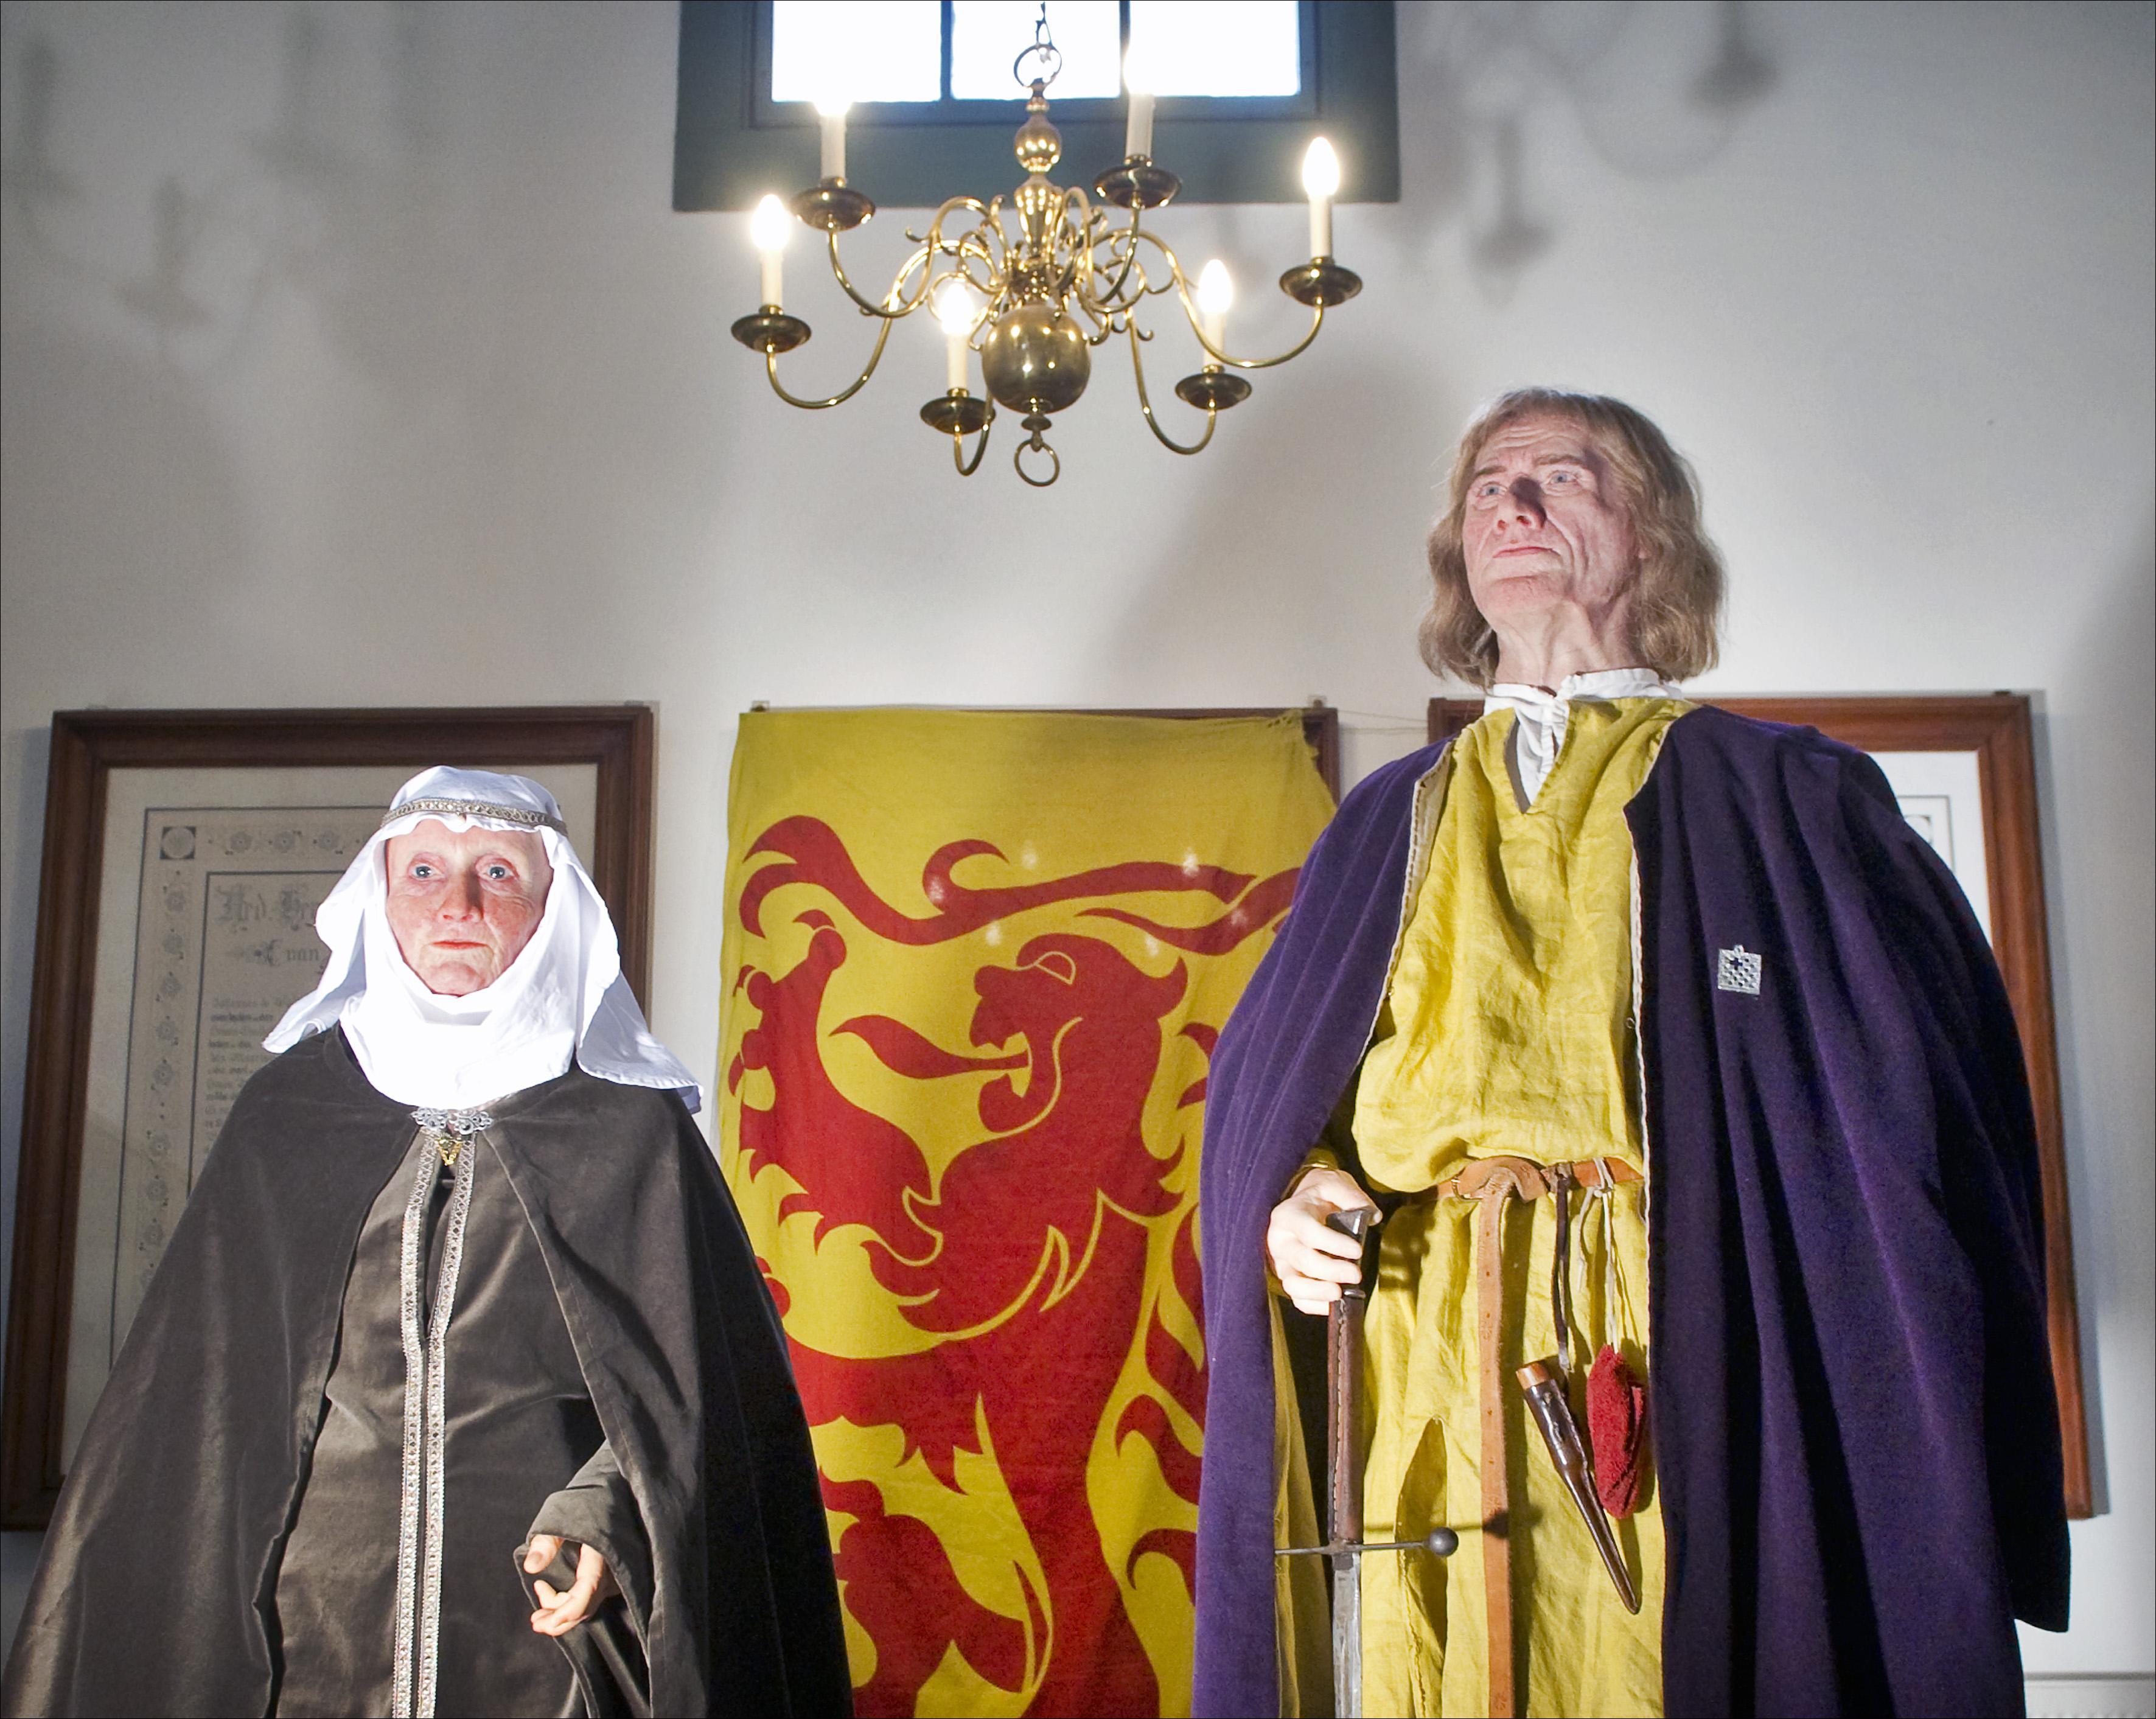 Koolstofonderzoek naar botten Willem I en Hillegonda wijzen uit dat zij onder de Brederodekapel van de Engelmunduskerk lagen begraven